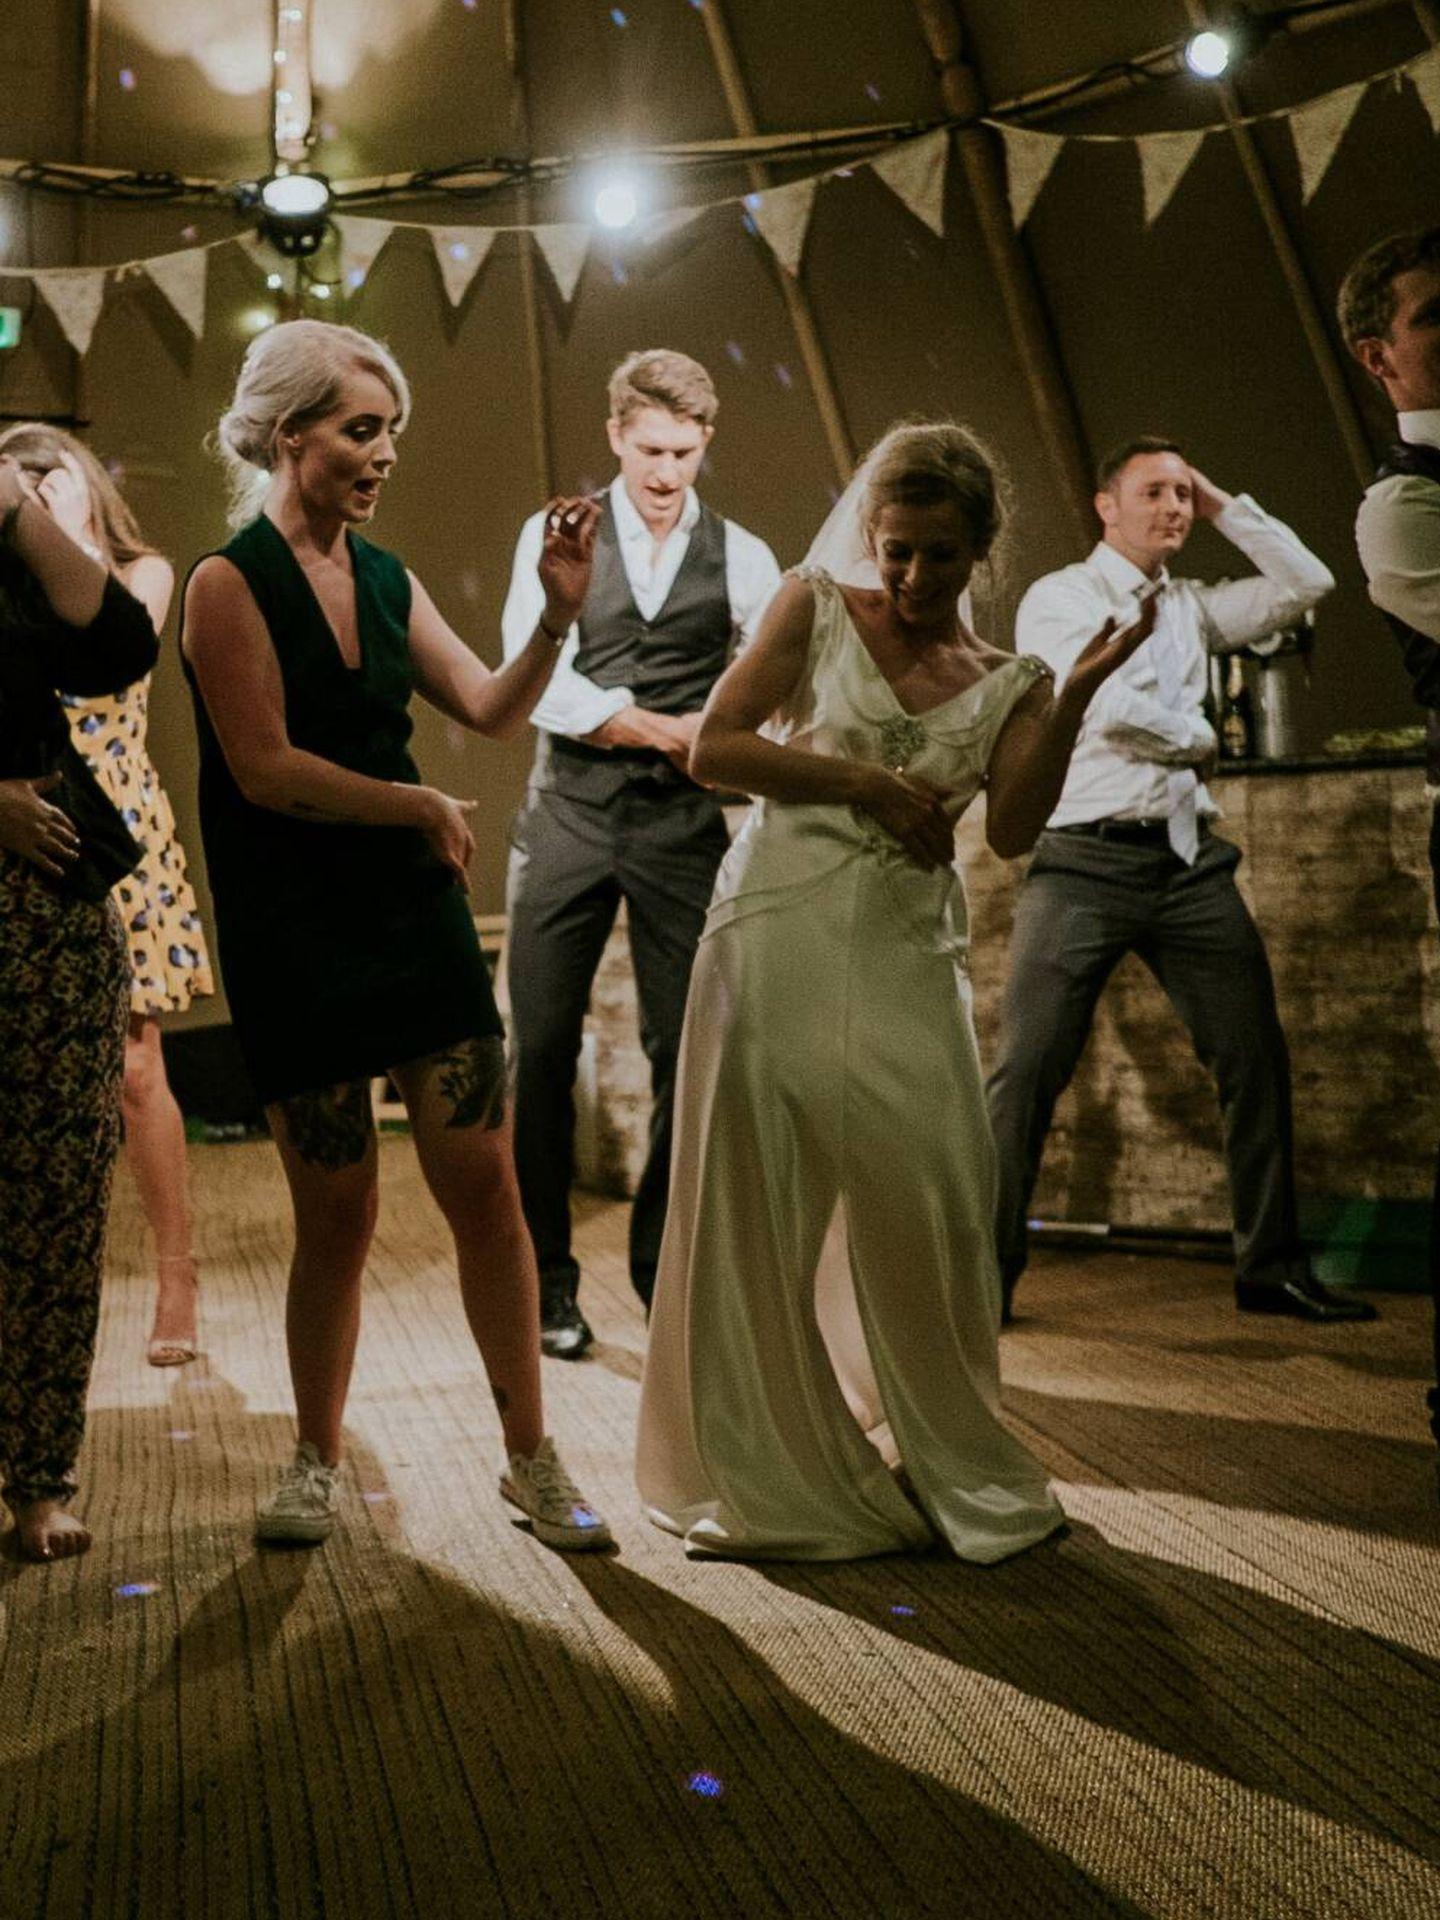 Canción para el primer baile casados. ( Mitchell Orr para Unsplash)